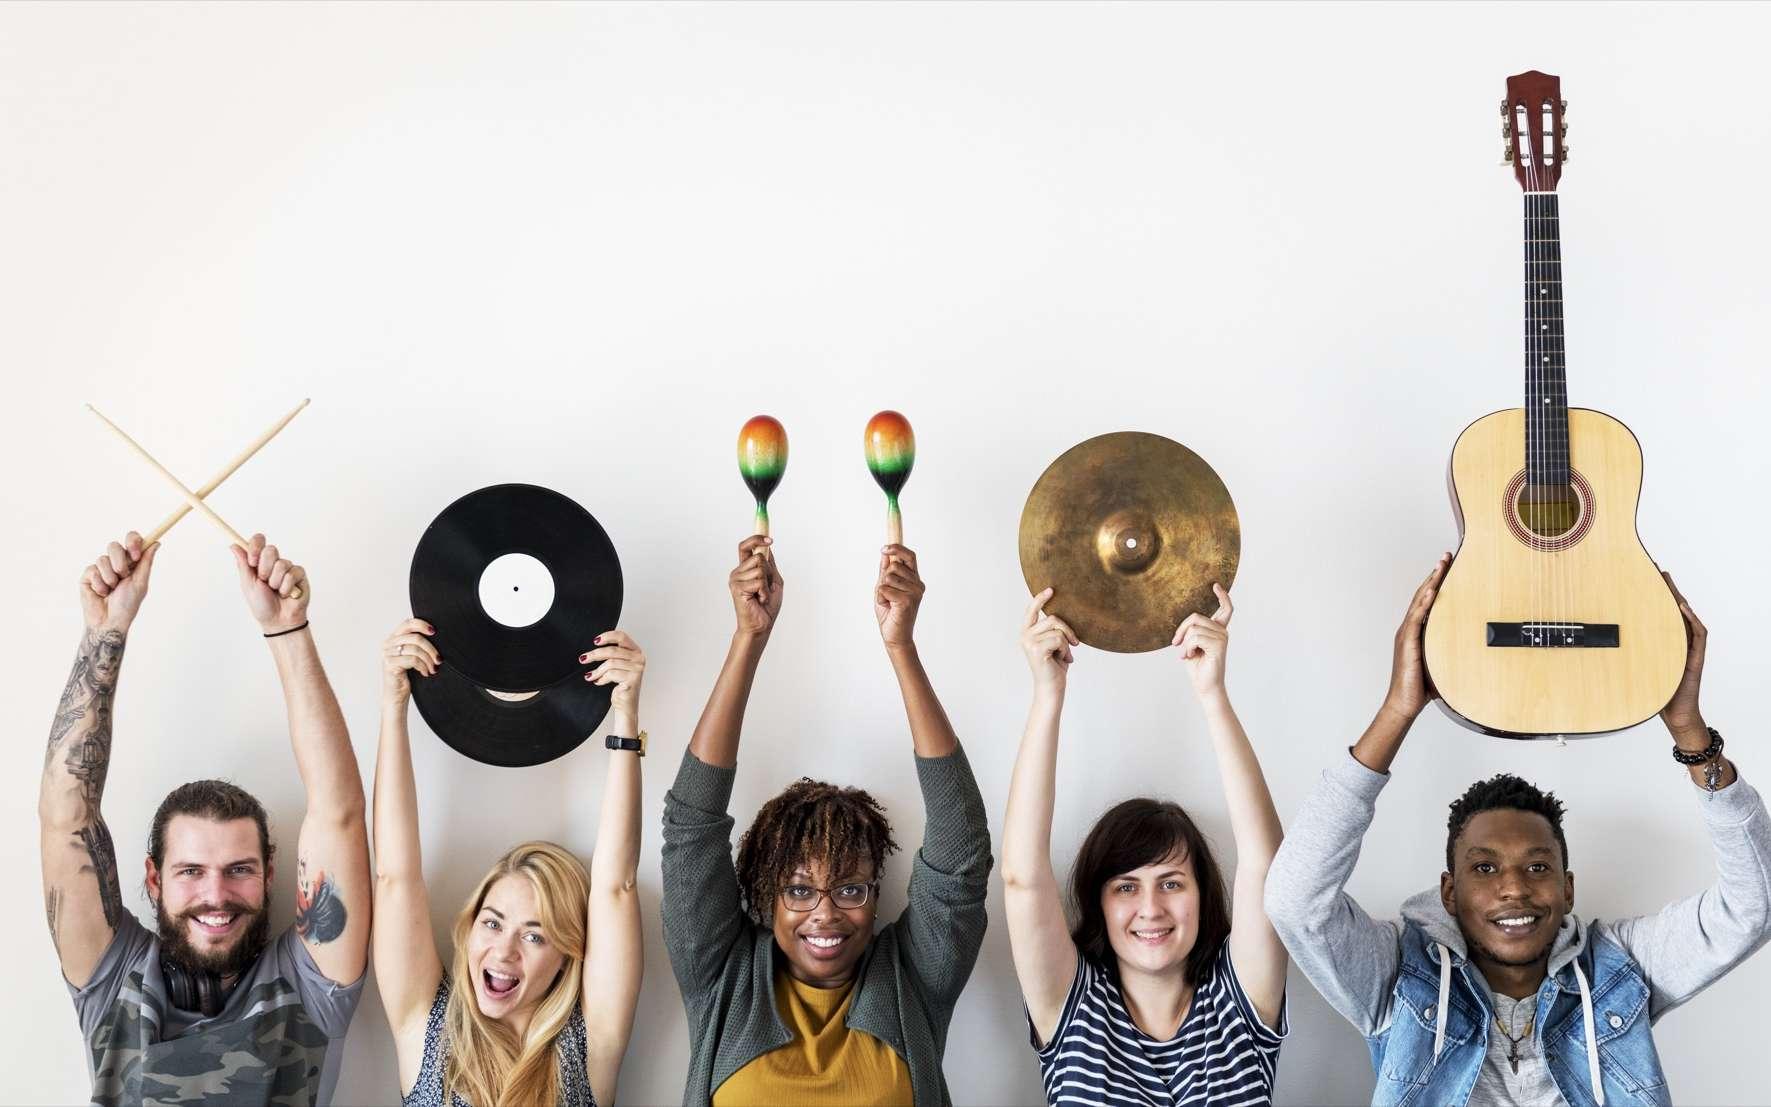 La musique est un élément fondamental de notre évolution. Elle permet l'expression de liens sociaux uniques. Elle peut également renforcer la cohésion et la confiance mutuelle entre les gens en signalant des valeurs partagées. © Rawpixel.com, Adobe Stock